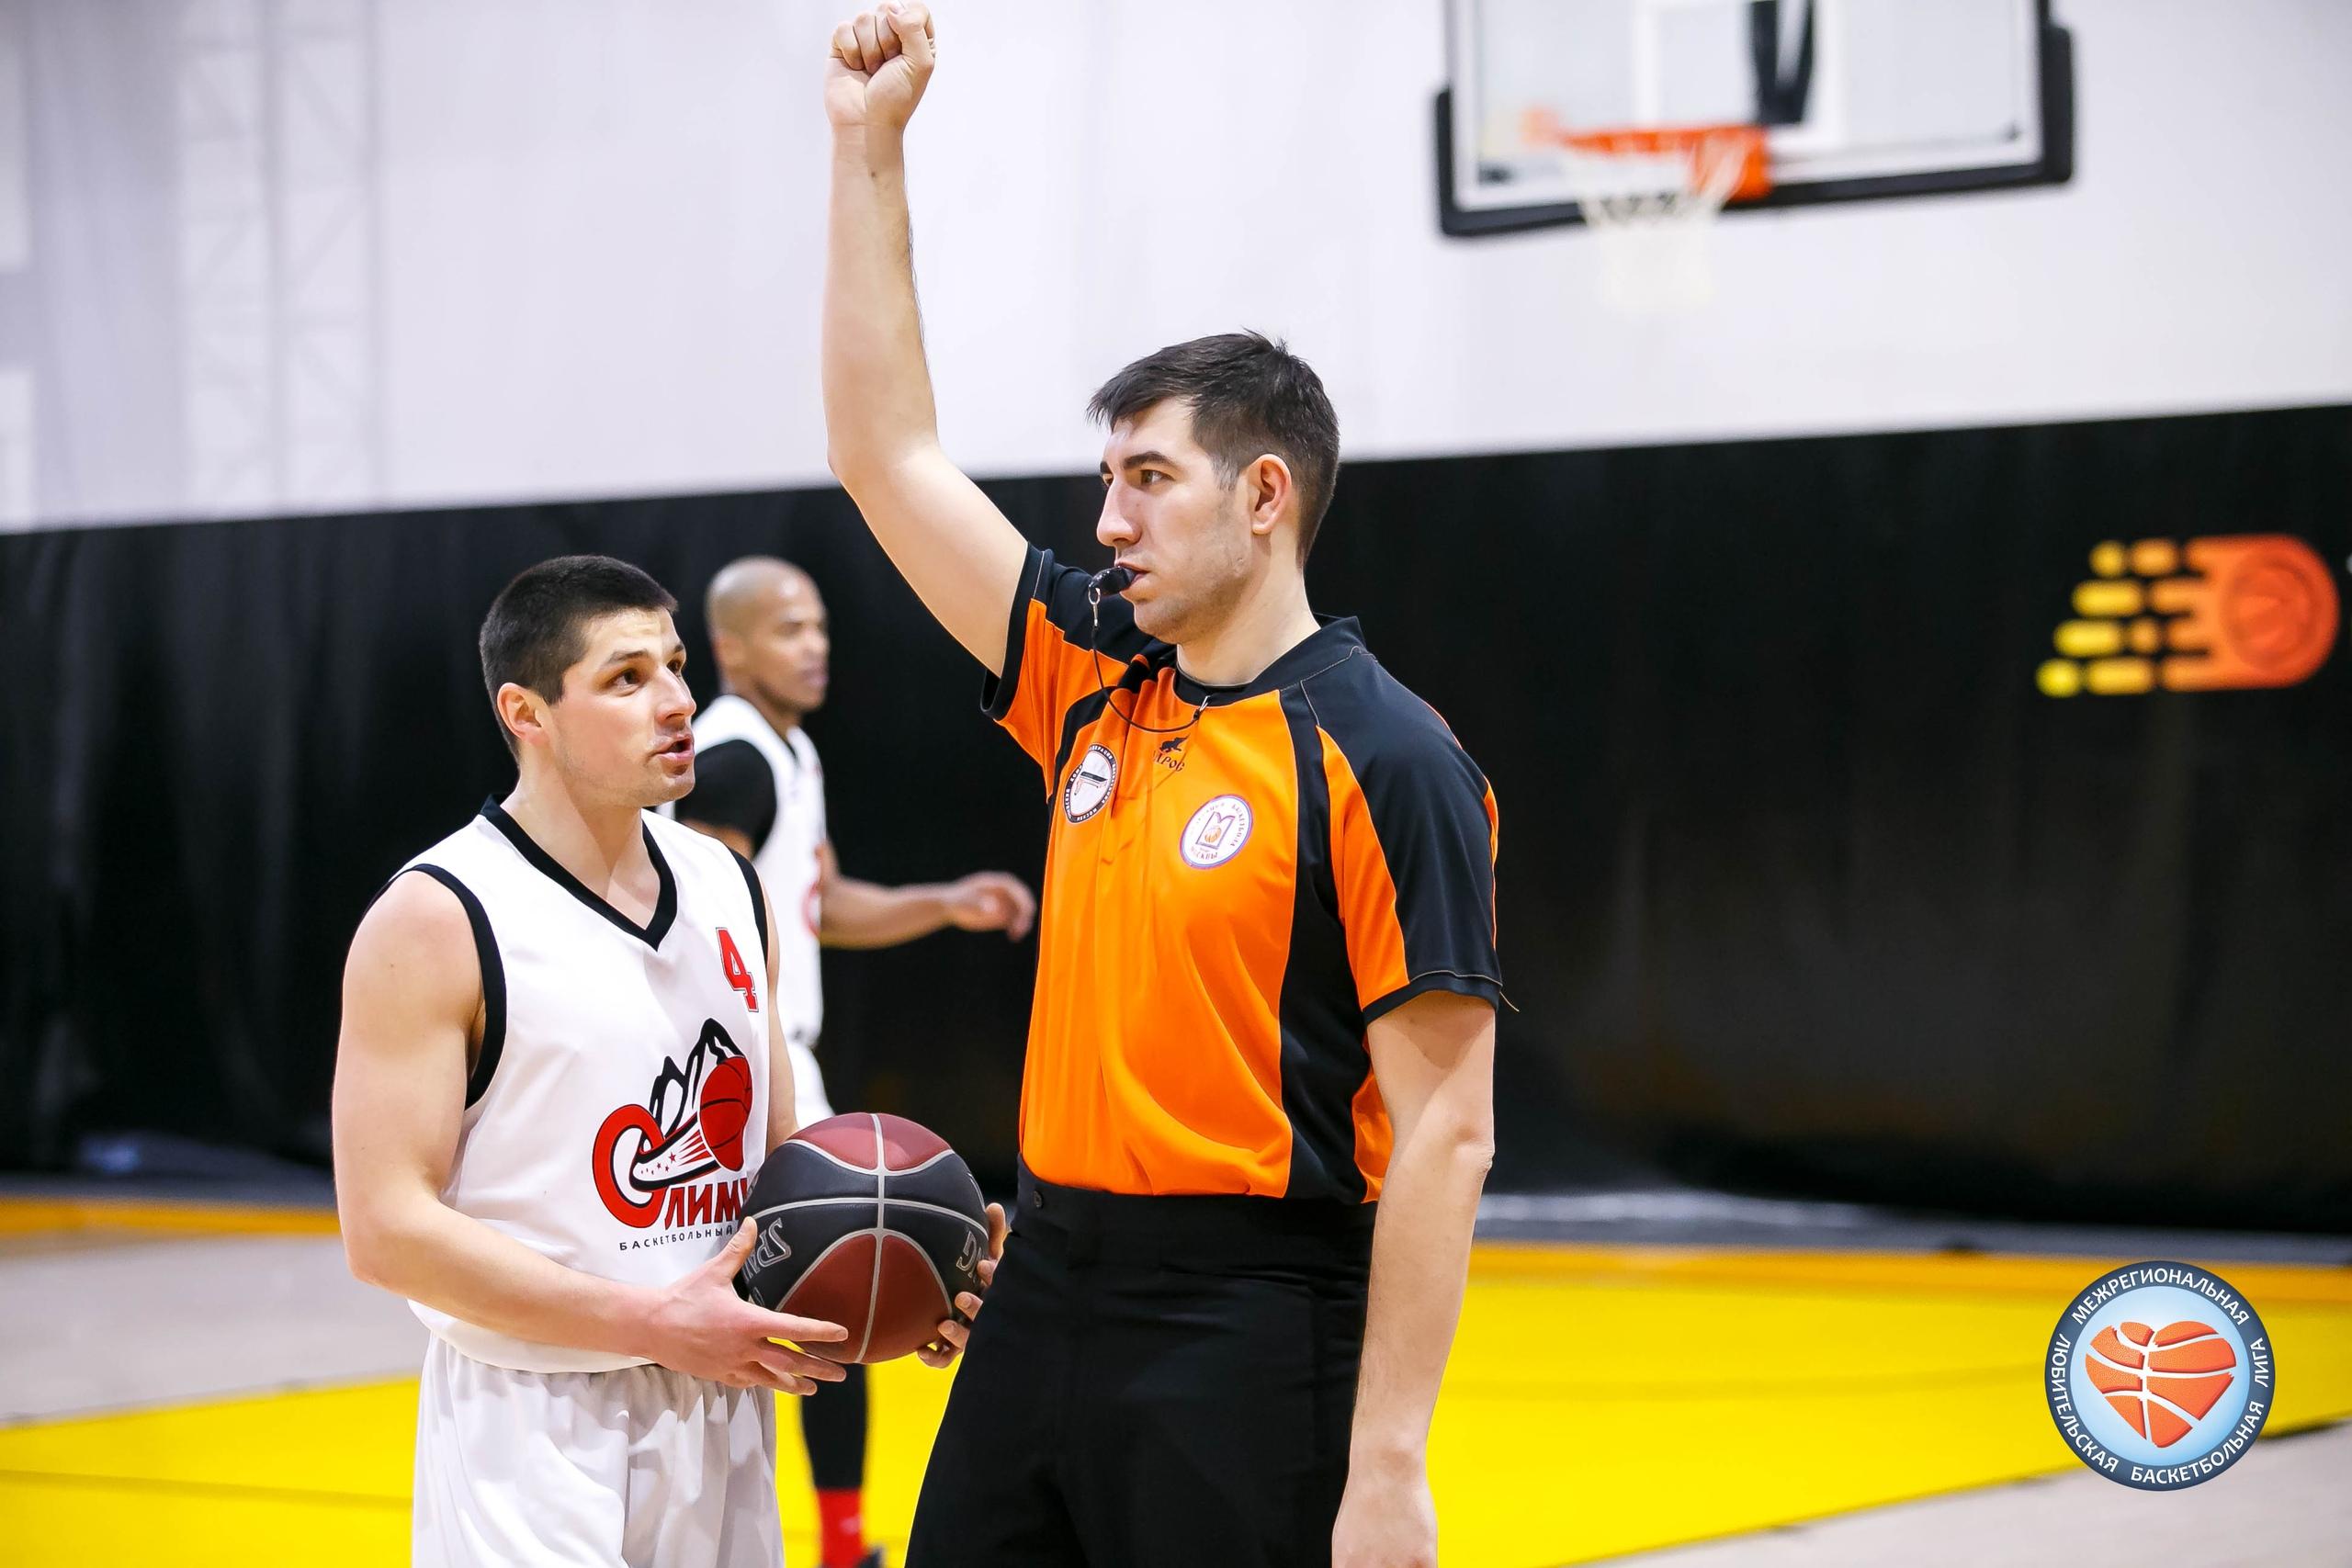 Три арбитра Федерации баскетбола Москвы получили звание «Судья всероссийской категории»